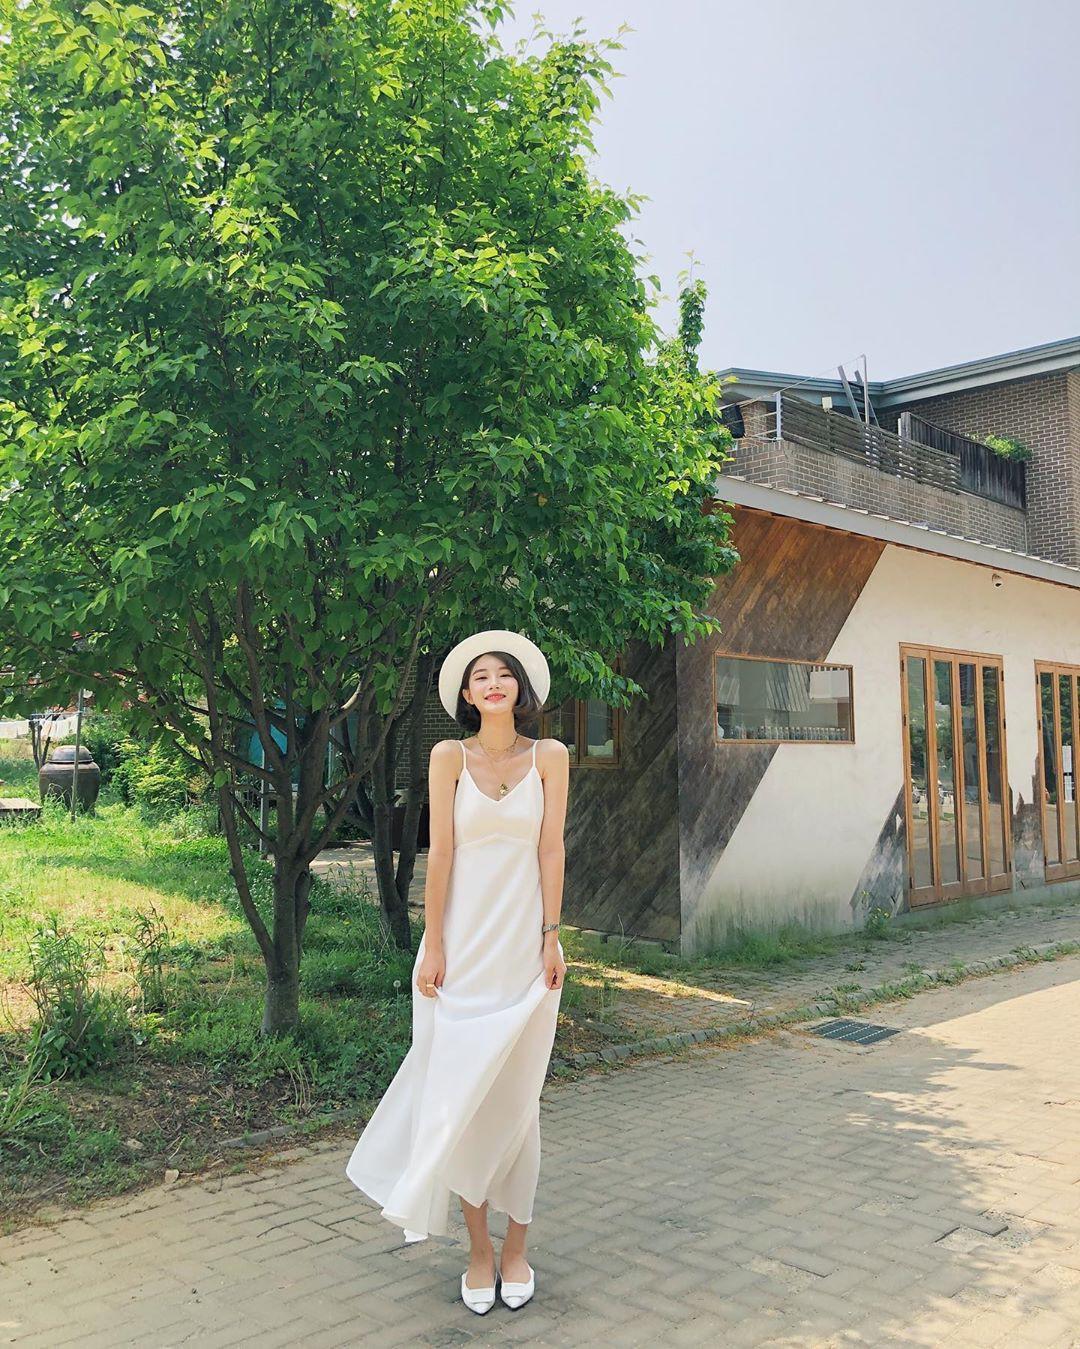 Nô nức diện váy thô mùa hè cho mát, muốn mặc đẹp hãy tham khảo 15 bộ đồ từ street style Châu Á này - Ảnh 7.